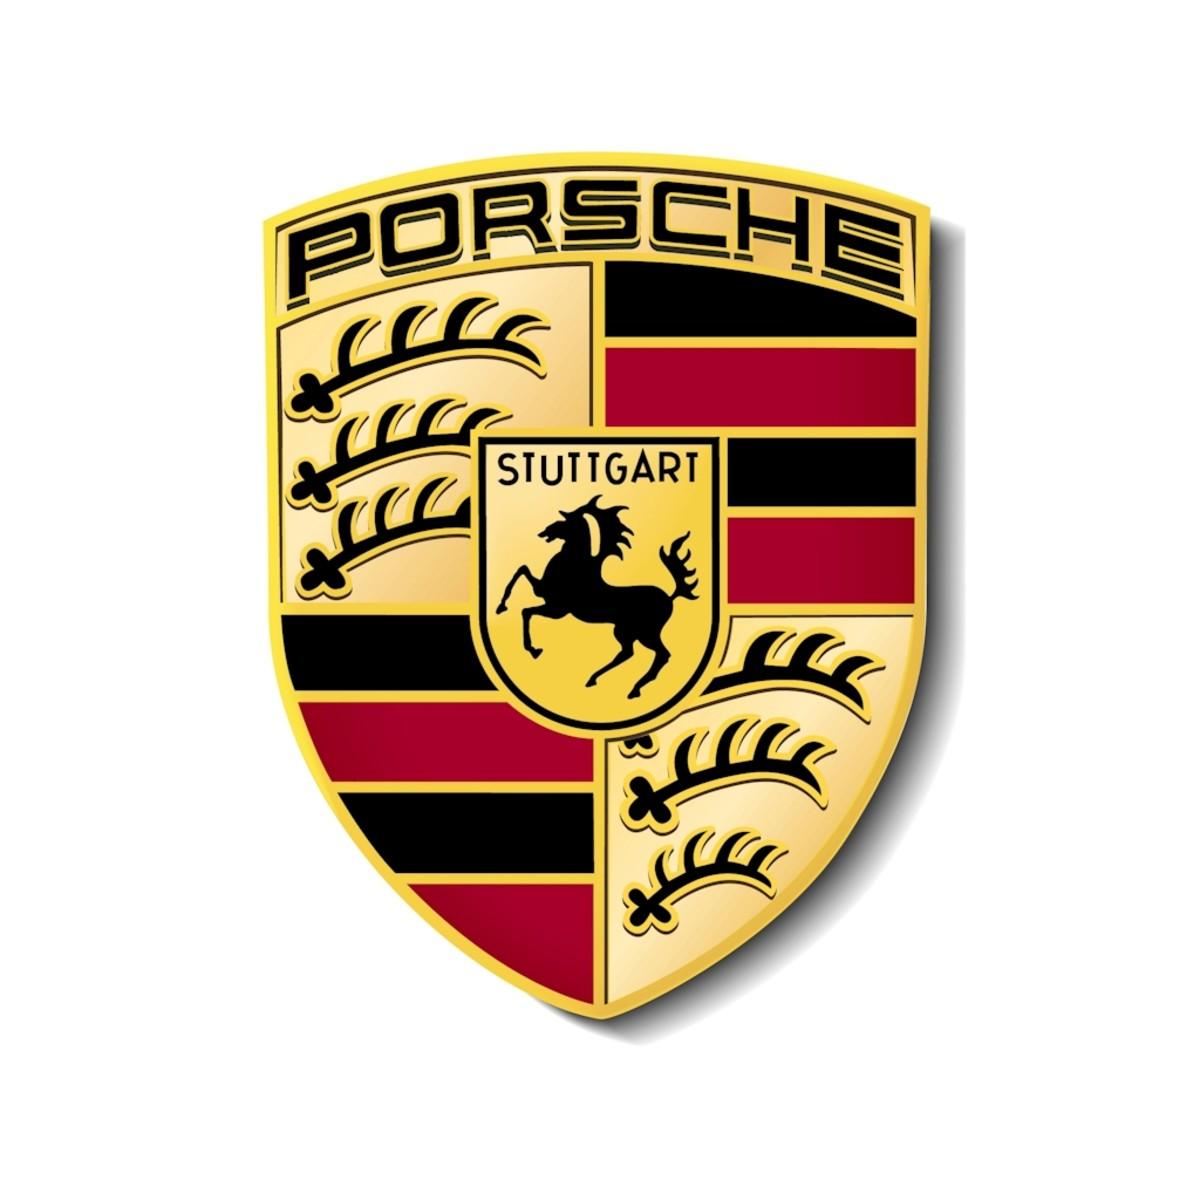 The Porsche logo